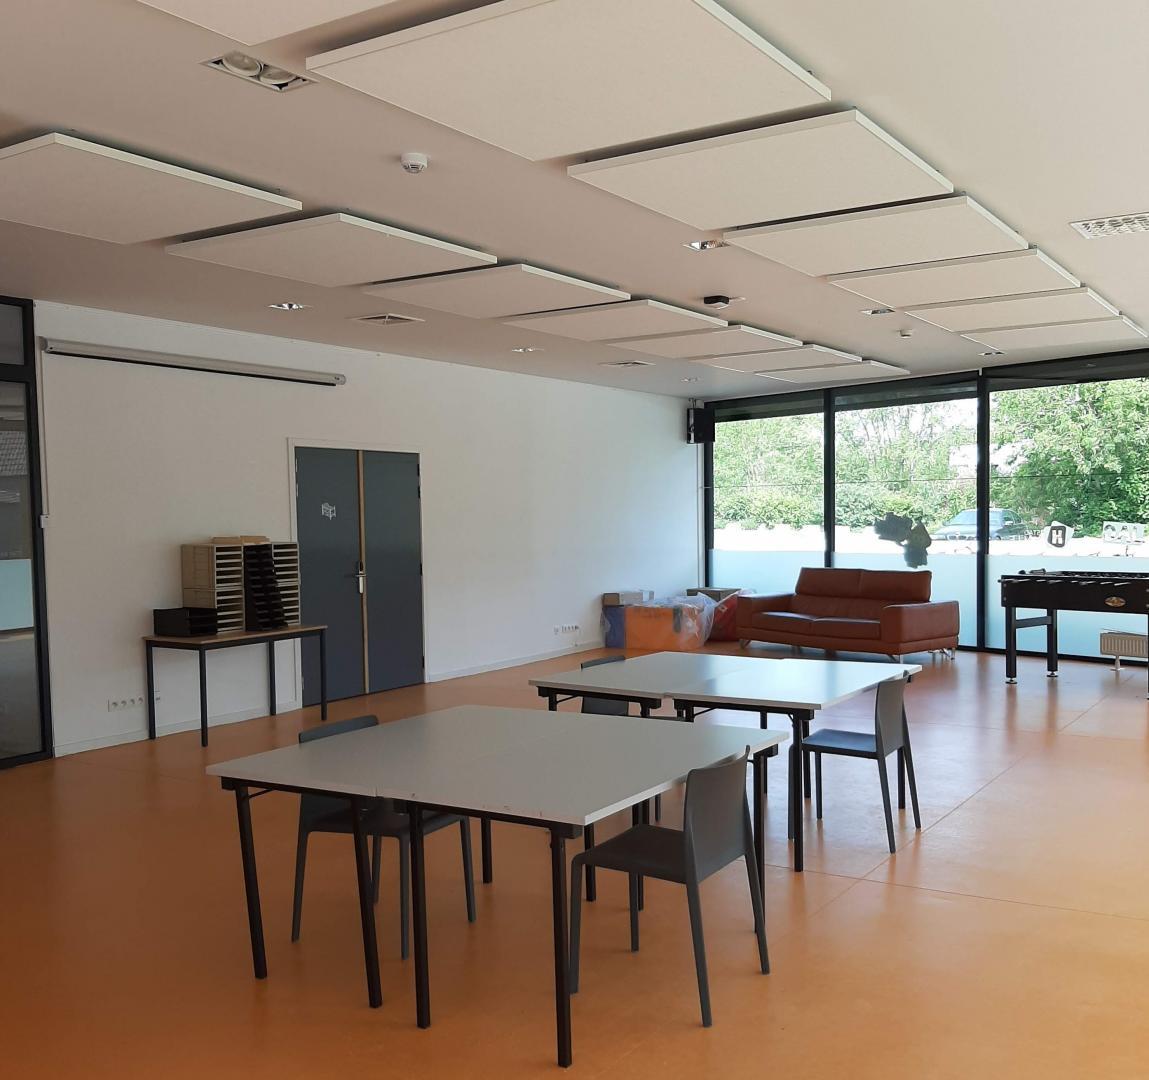 Ik wil de fuifzaal / ontmoetingsruimte van JC De Kazerne